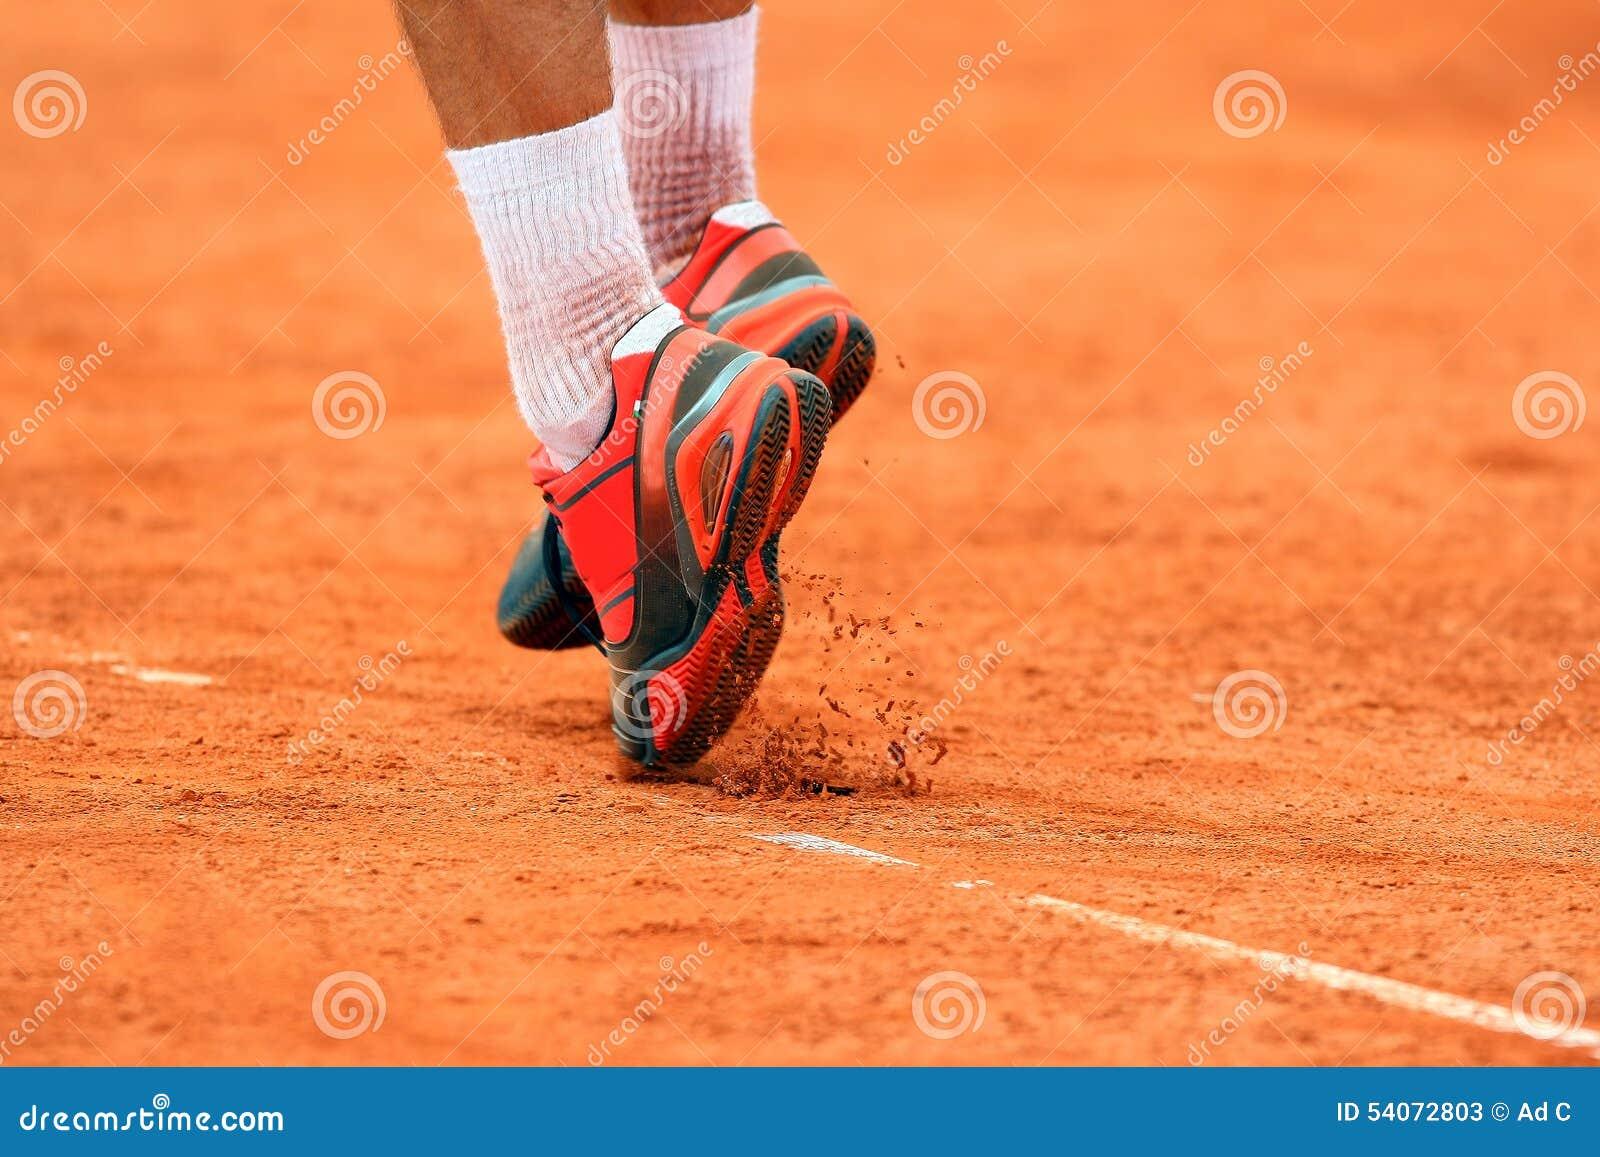 Pieds d 39 un joueur de tennis sautant pour servir sur clay for Longueur d un court de tennis